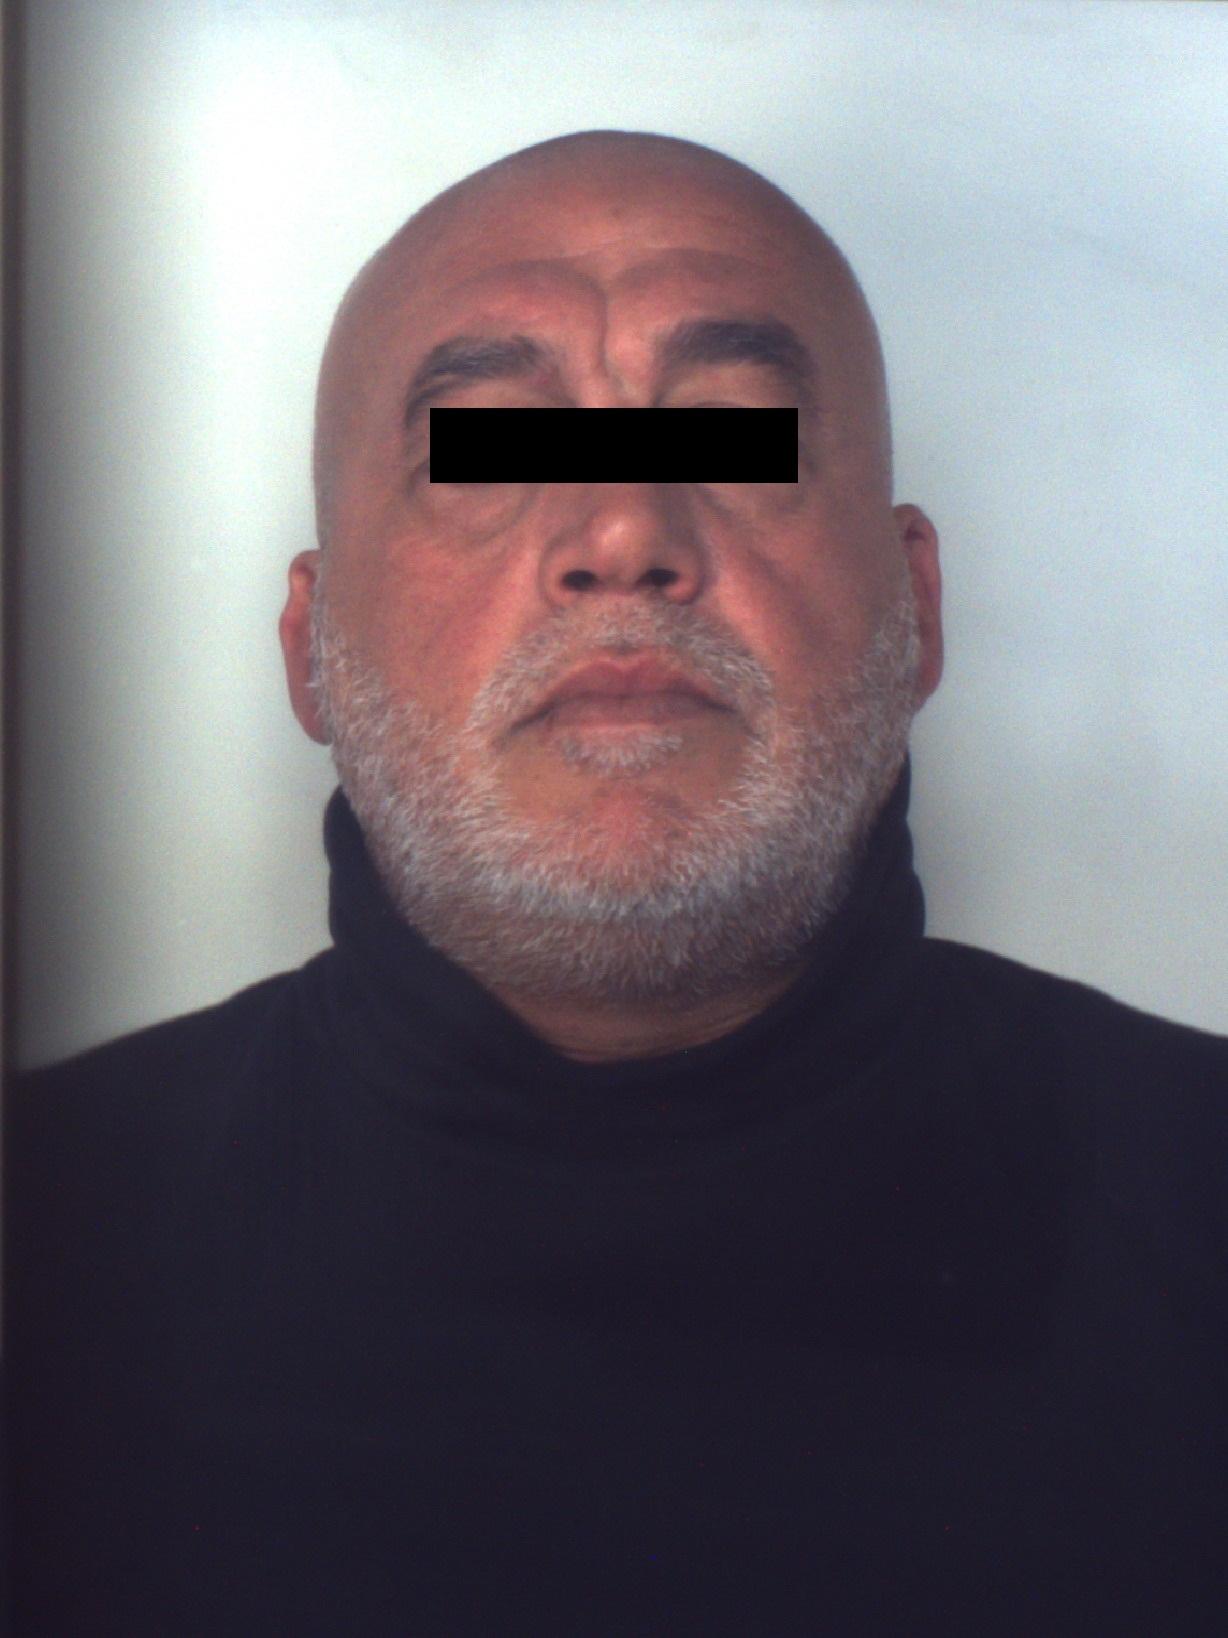 Mafia, usura ed estorsioni: 23 arresti e 82 indagati   Telerama News ...